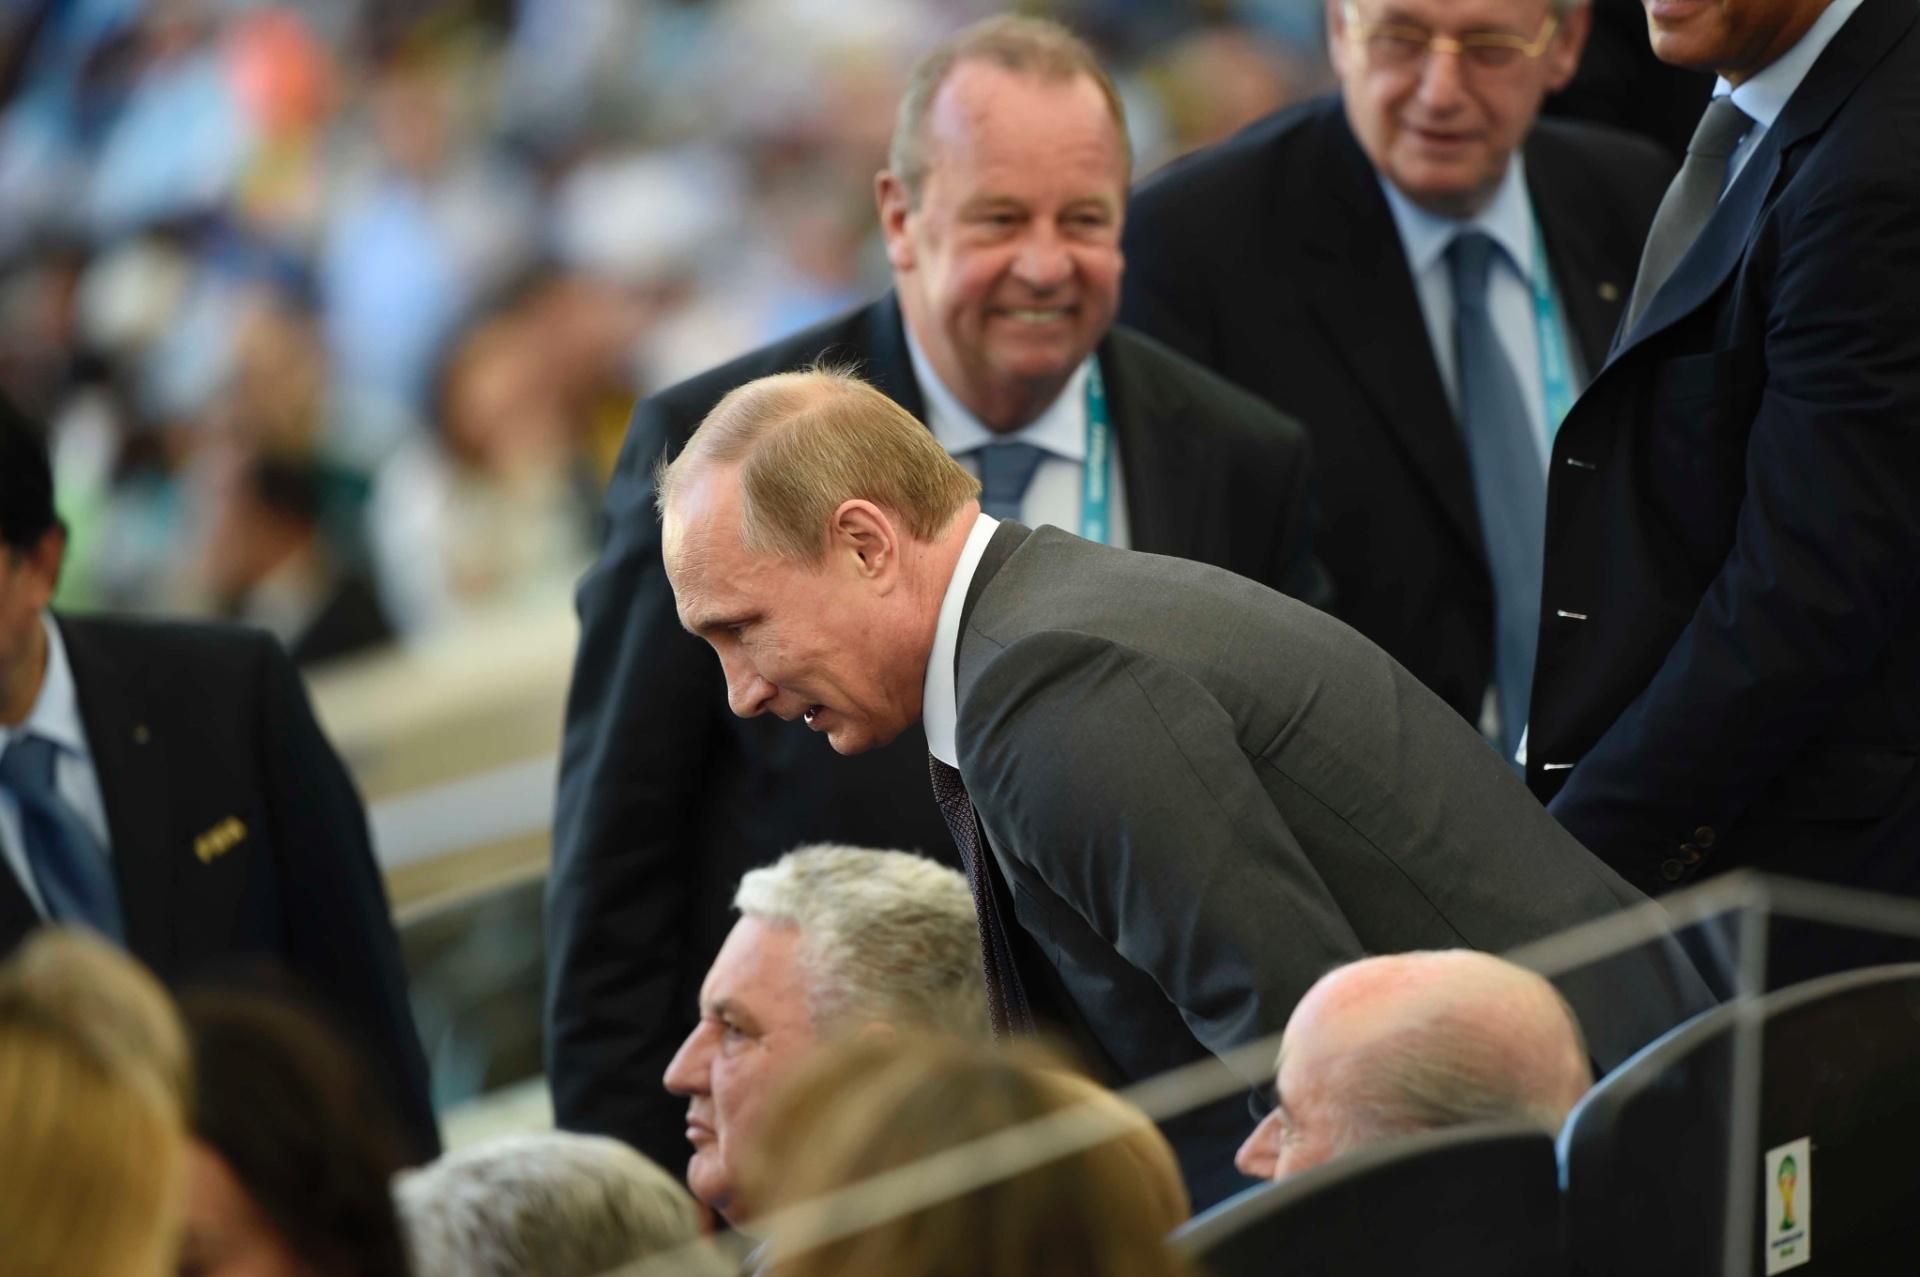 Presidente russo Vladimir Putin marca presença no Maracanã para a final da Copa